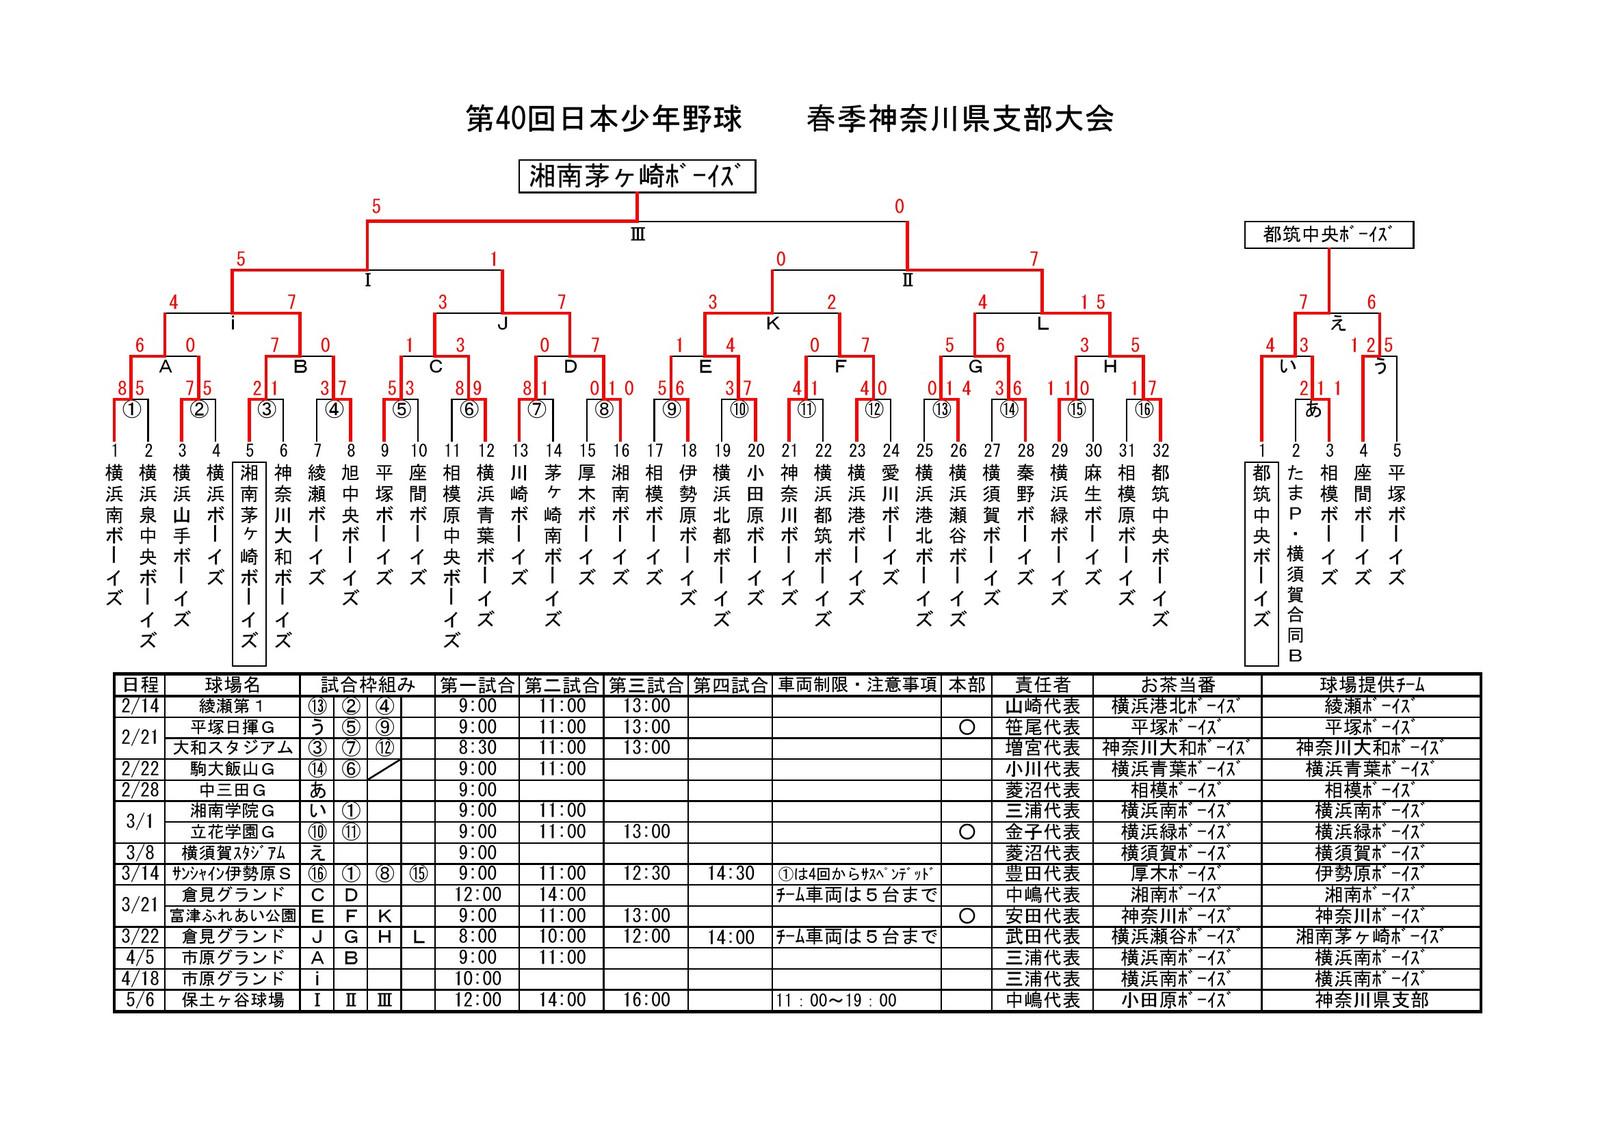 20150506_kangawa_spring_2